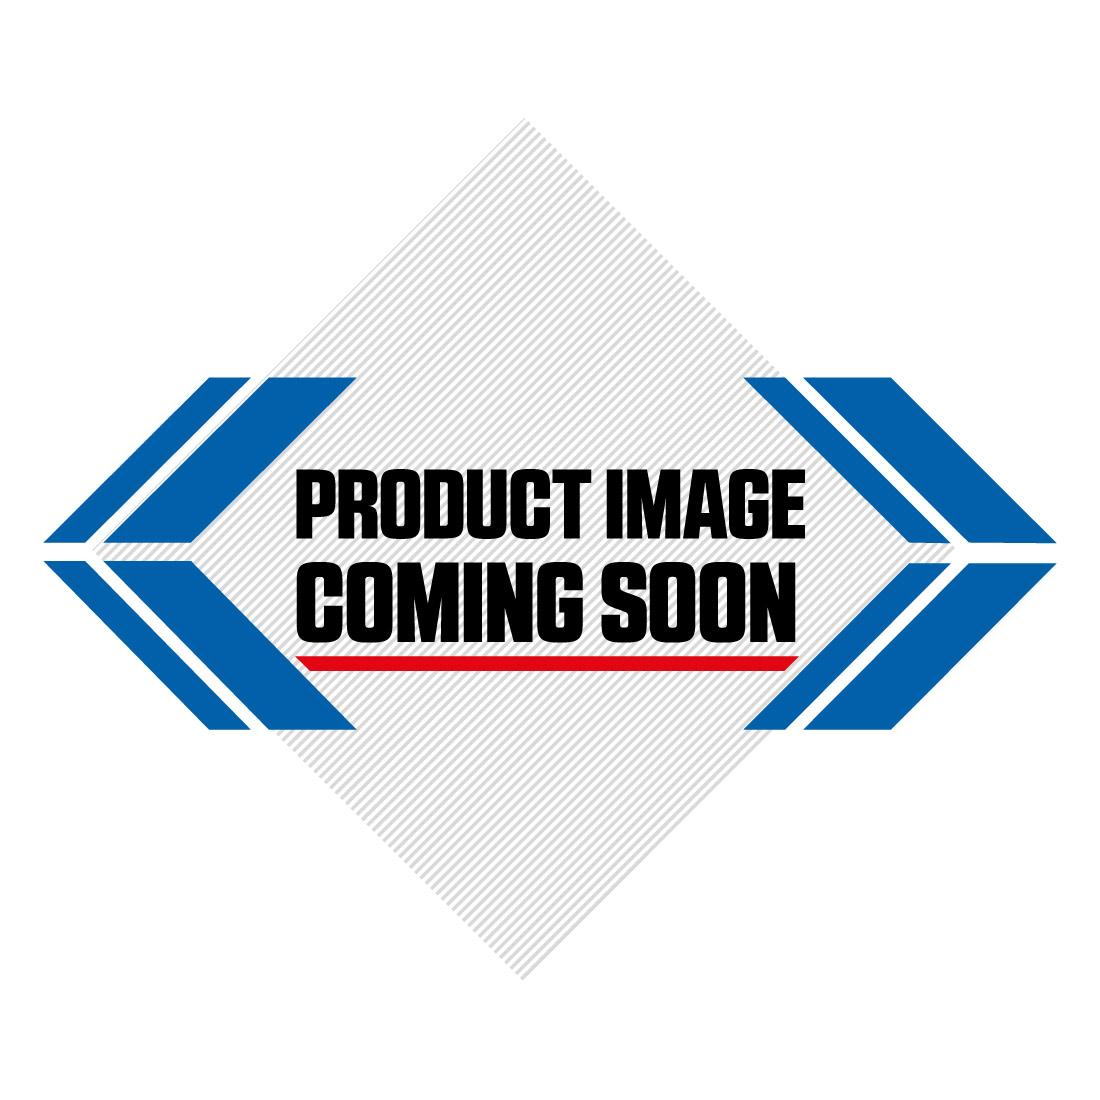 New 2015 Honda CRF 250R Motocross Bike Image-0>